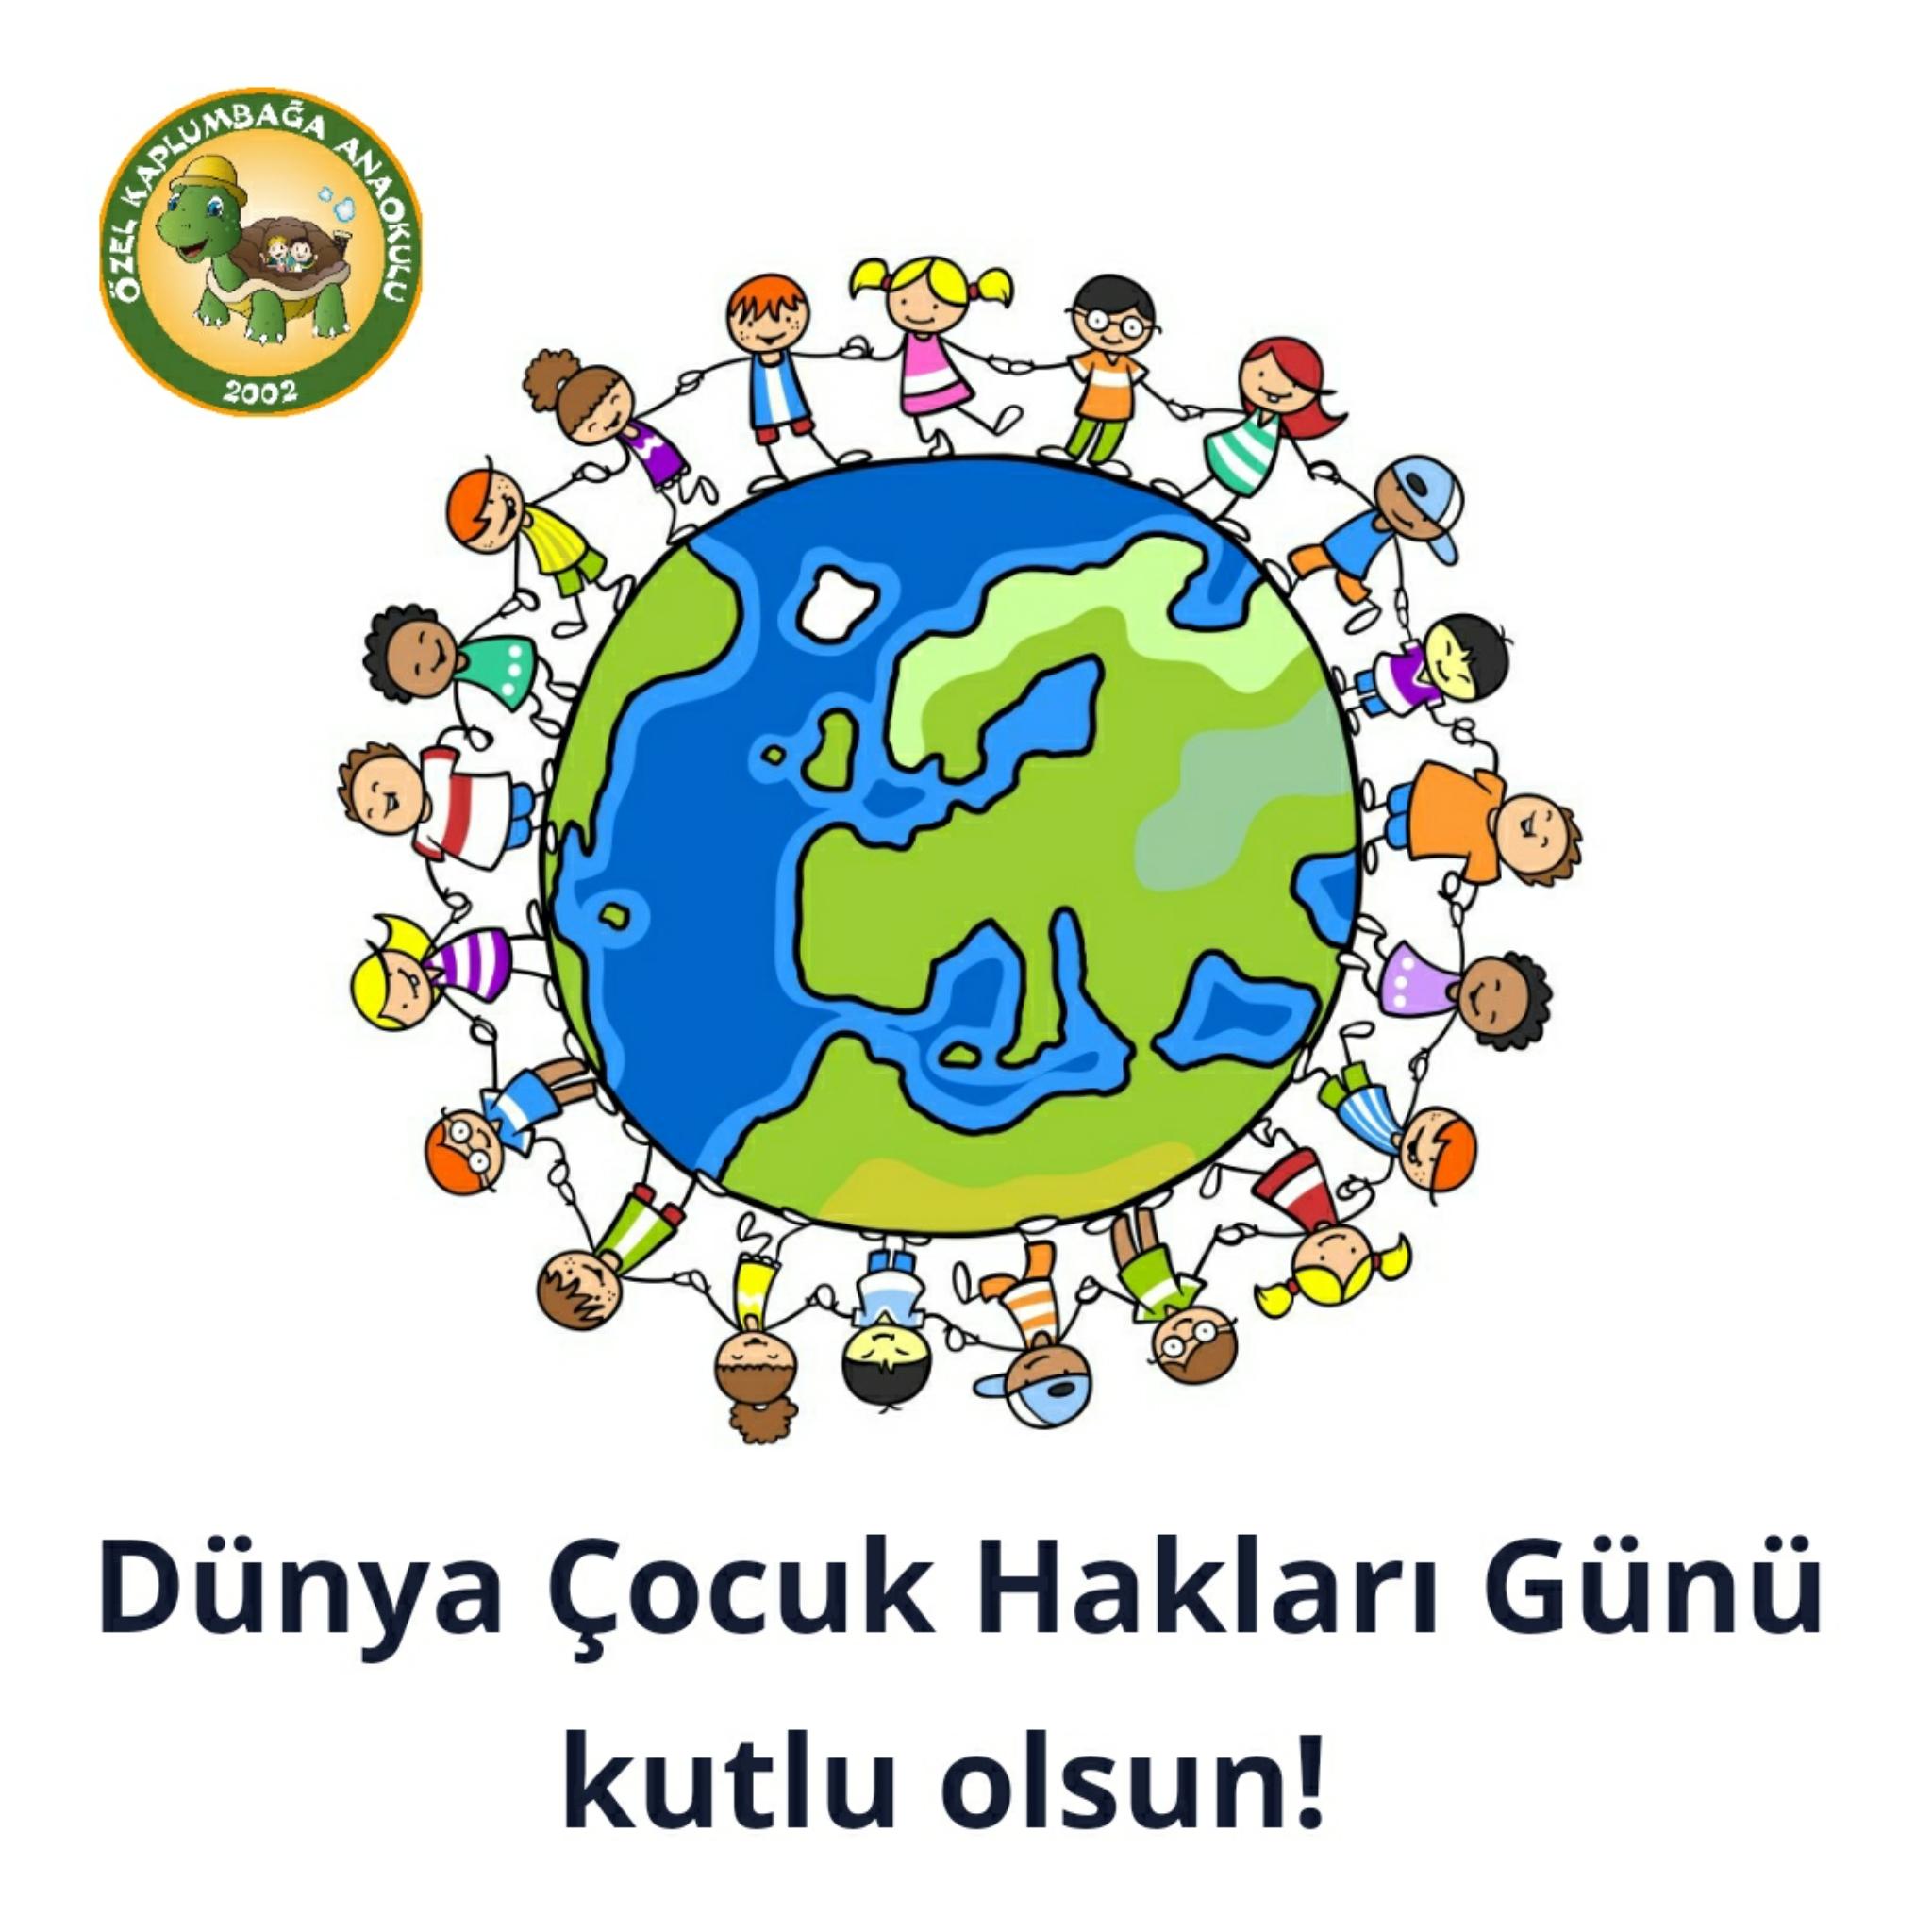 Dünya Çocuk Hakları Günü Özel Kaplumbağa Anaokulu Çengelköy